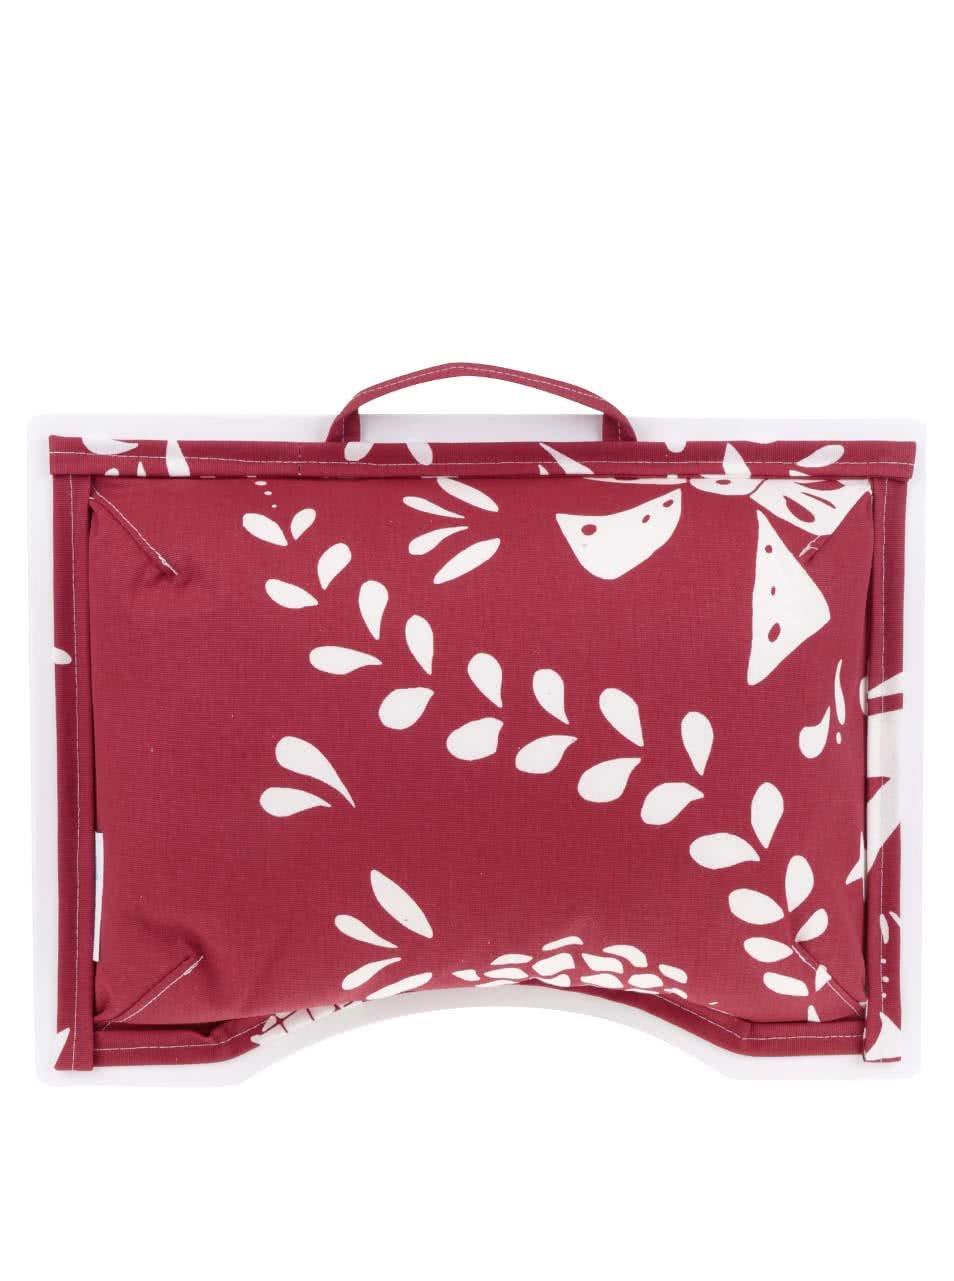 Bílo-červená menší podložka pod notebook se vzory Popono